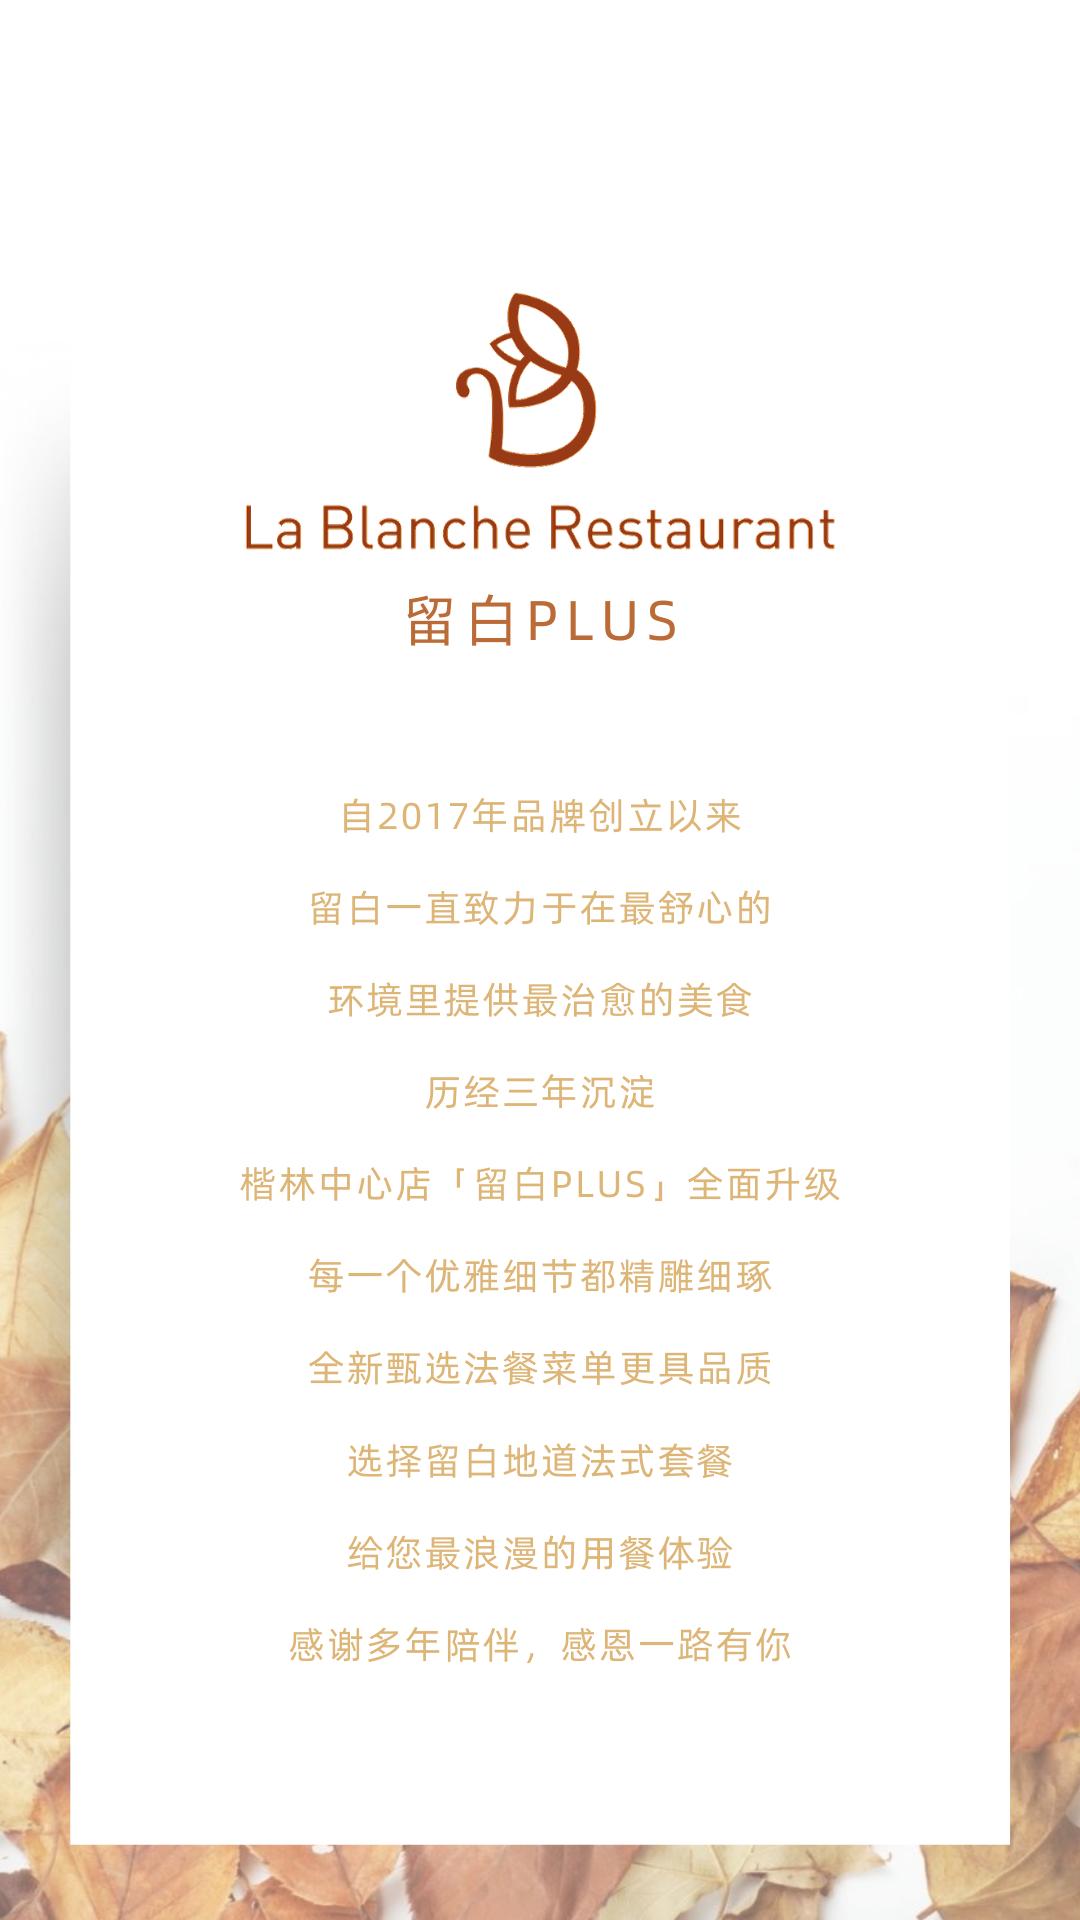 留白PLUS丨Private custom全新甄选品质法餐菜单给您最浪漫的法餐体验